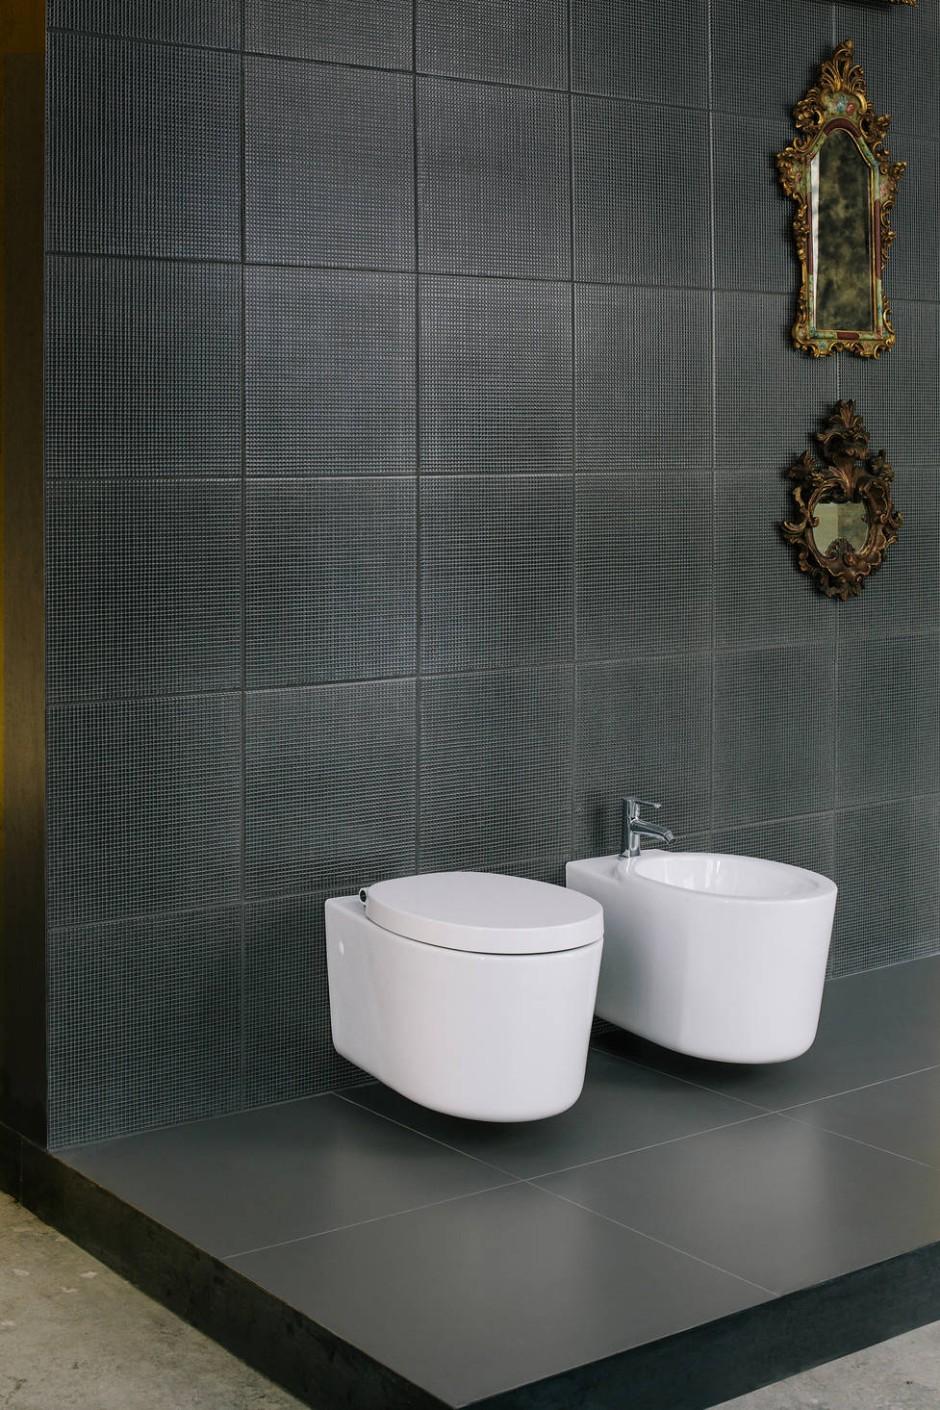 toilette und bidet die piero lissoni f r den. Black Bedroom Furniture Sets. Home Design Ideas